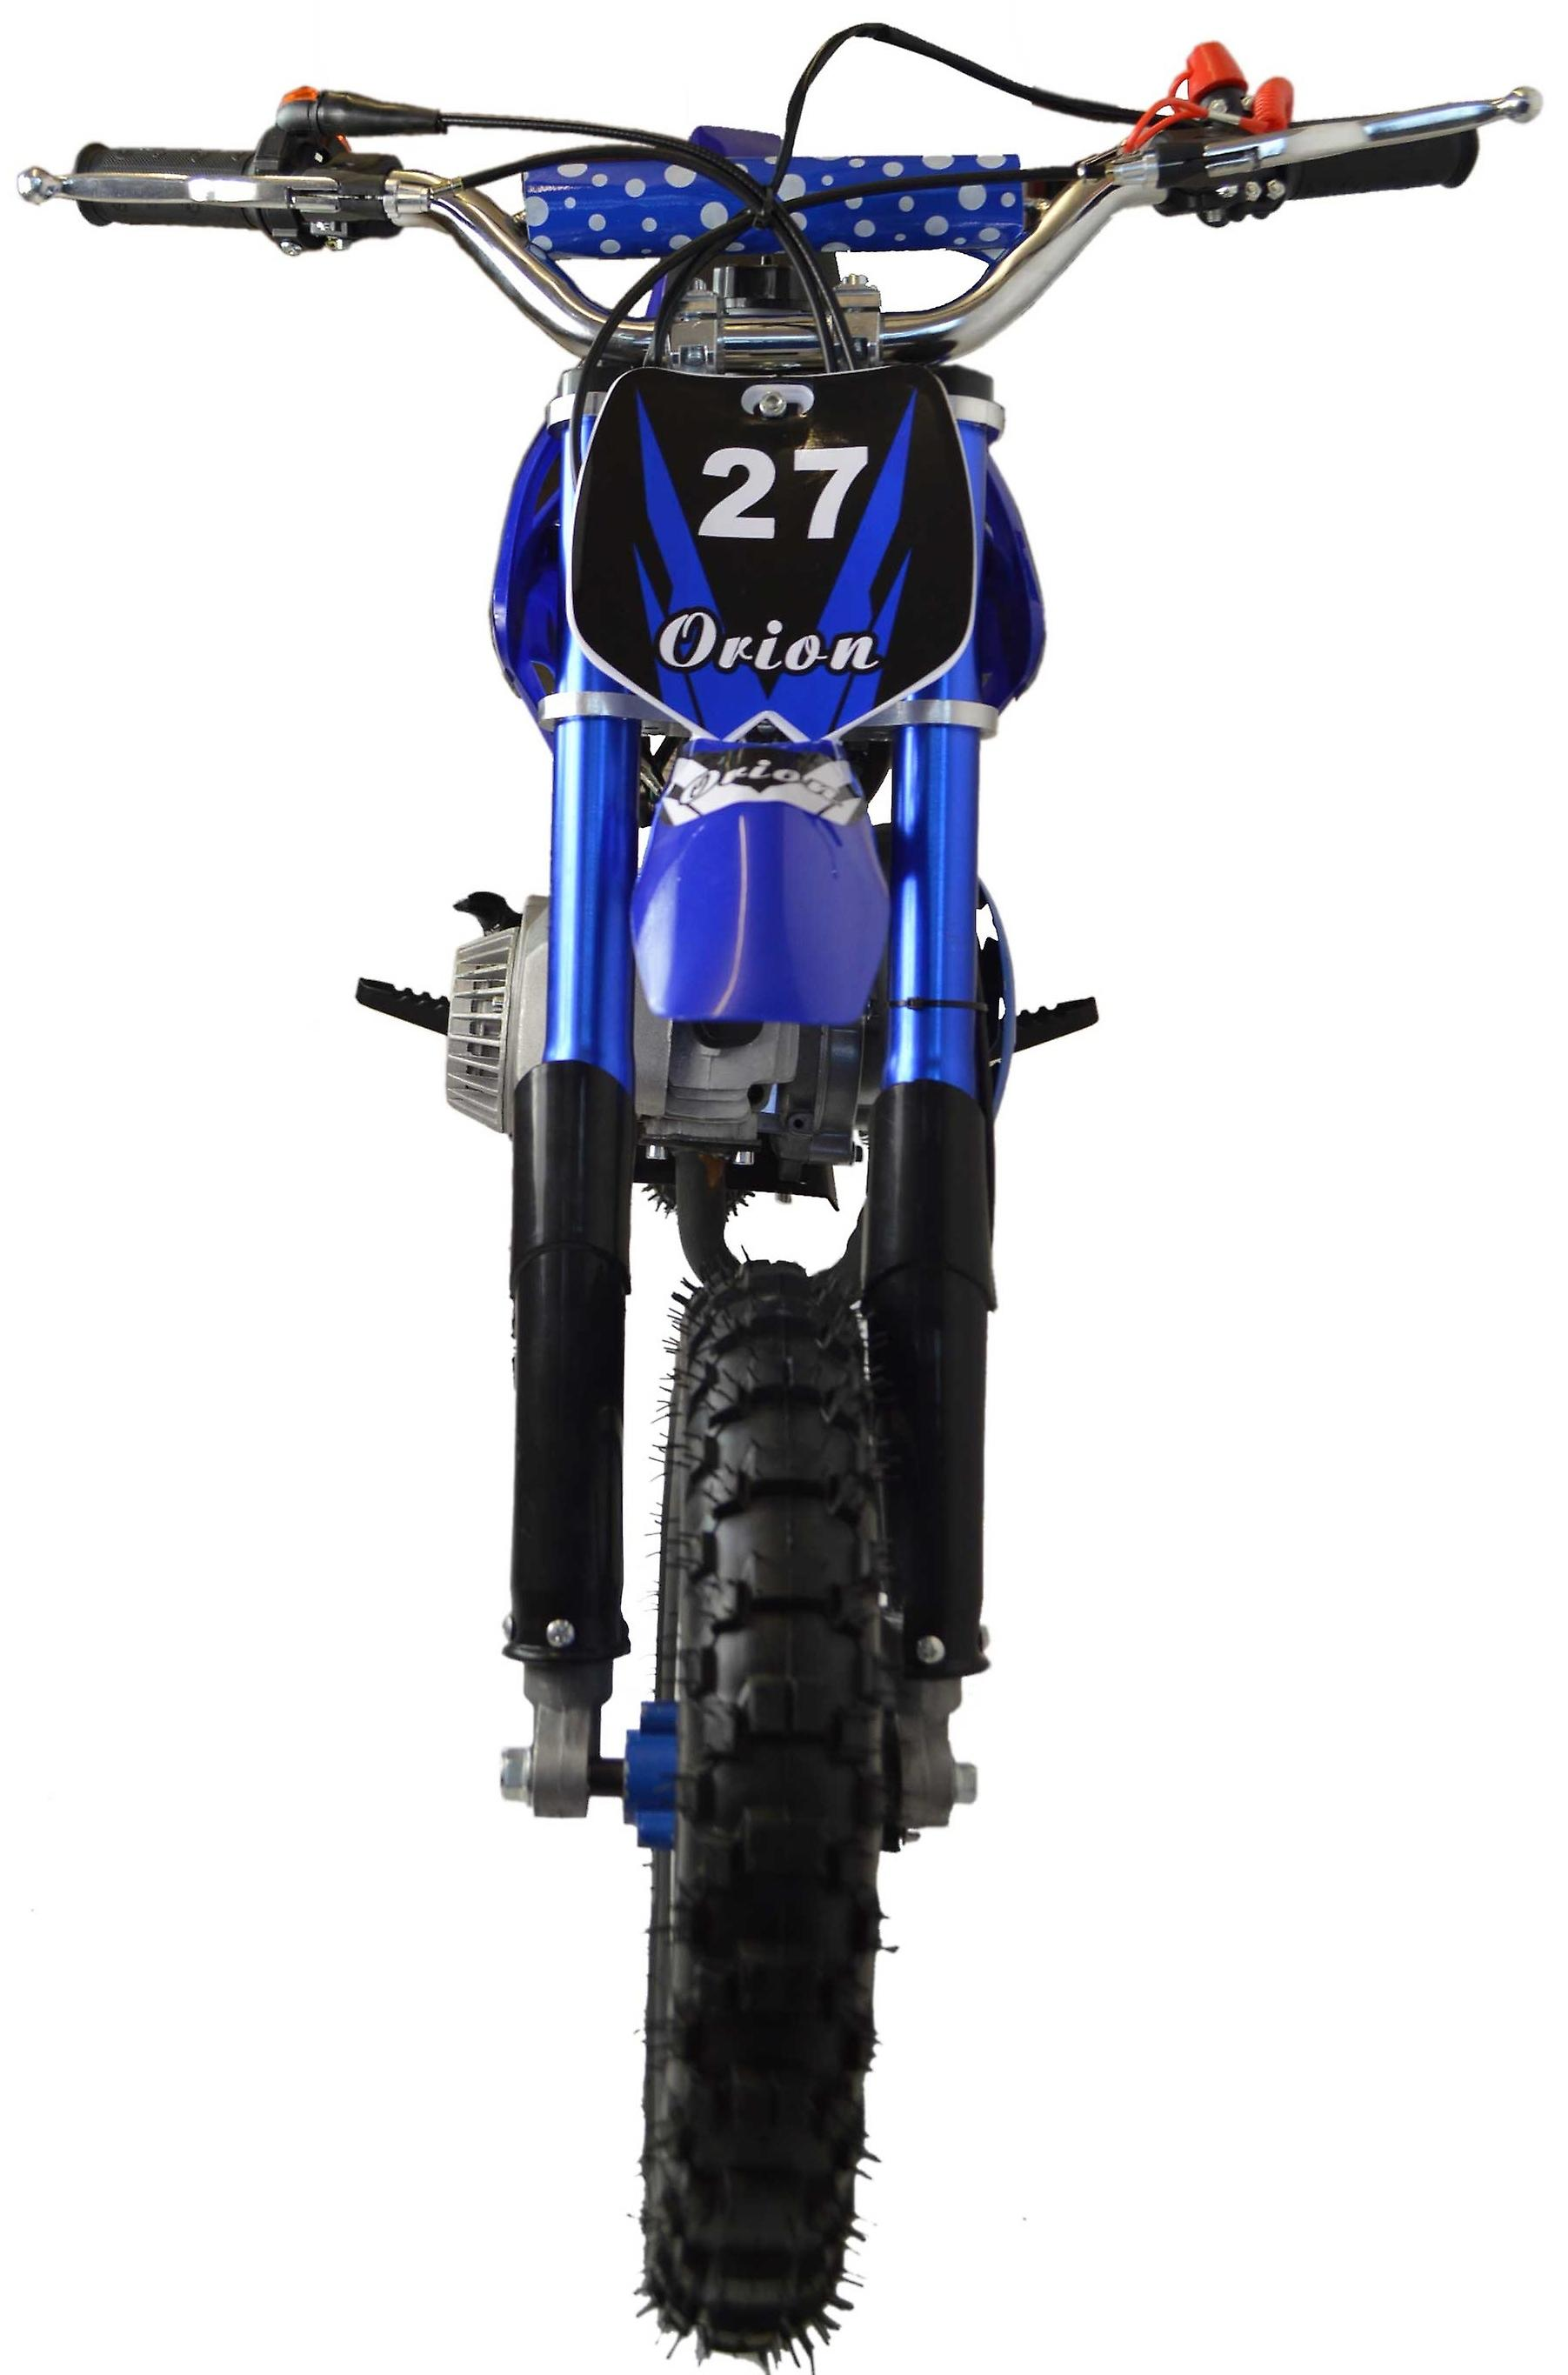 Zipper 50cc Petrol Mini Kids Dirt Motorbike - Blue